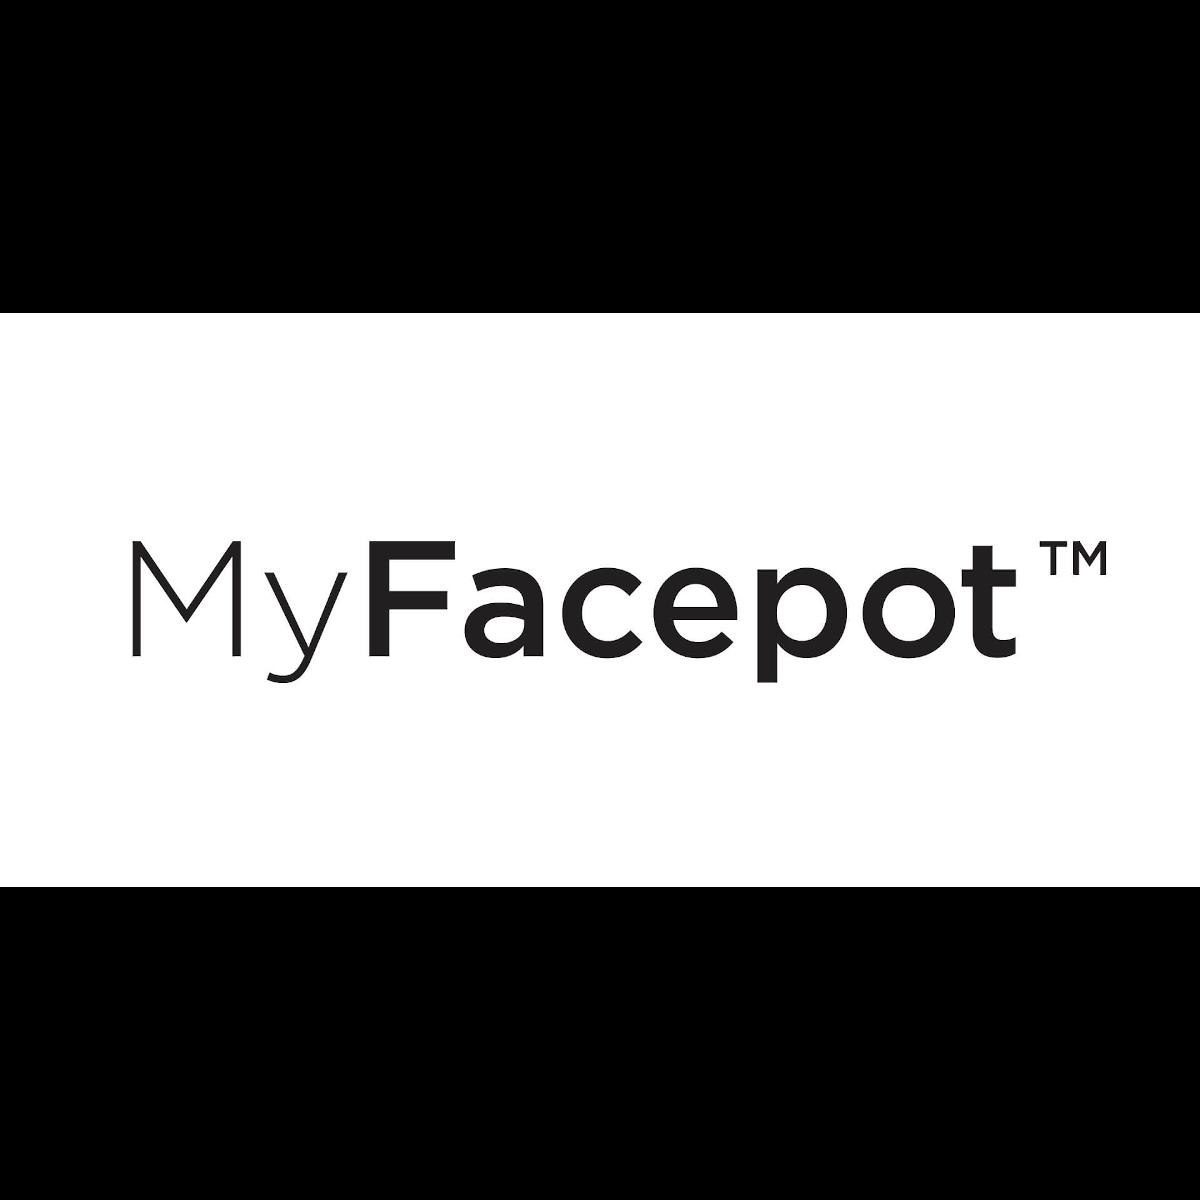 MyFacepot Gutschein: Spart bis zu 10% auf Blumentöpfe Eurer Lieblingspflanzen